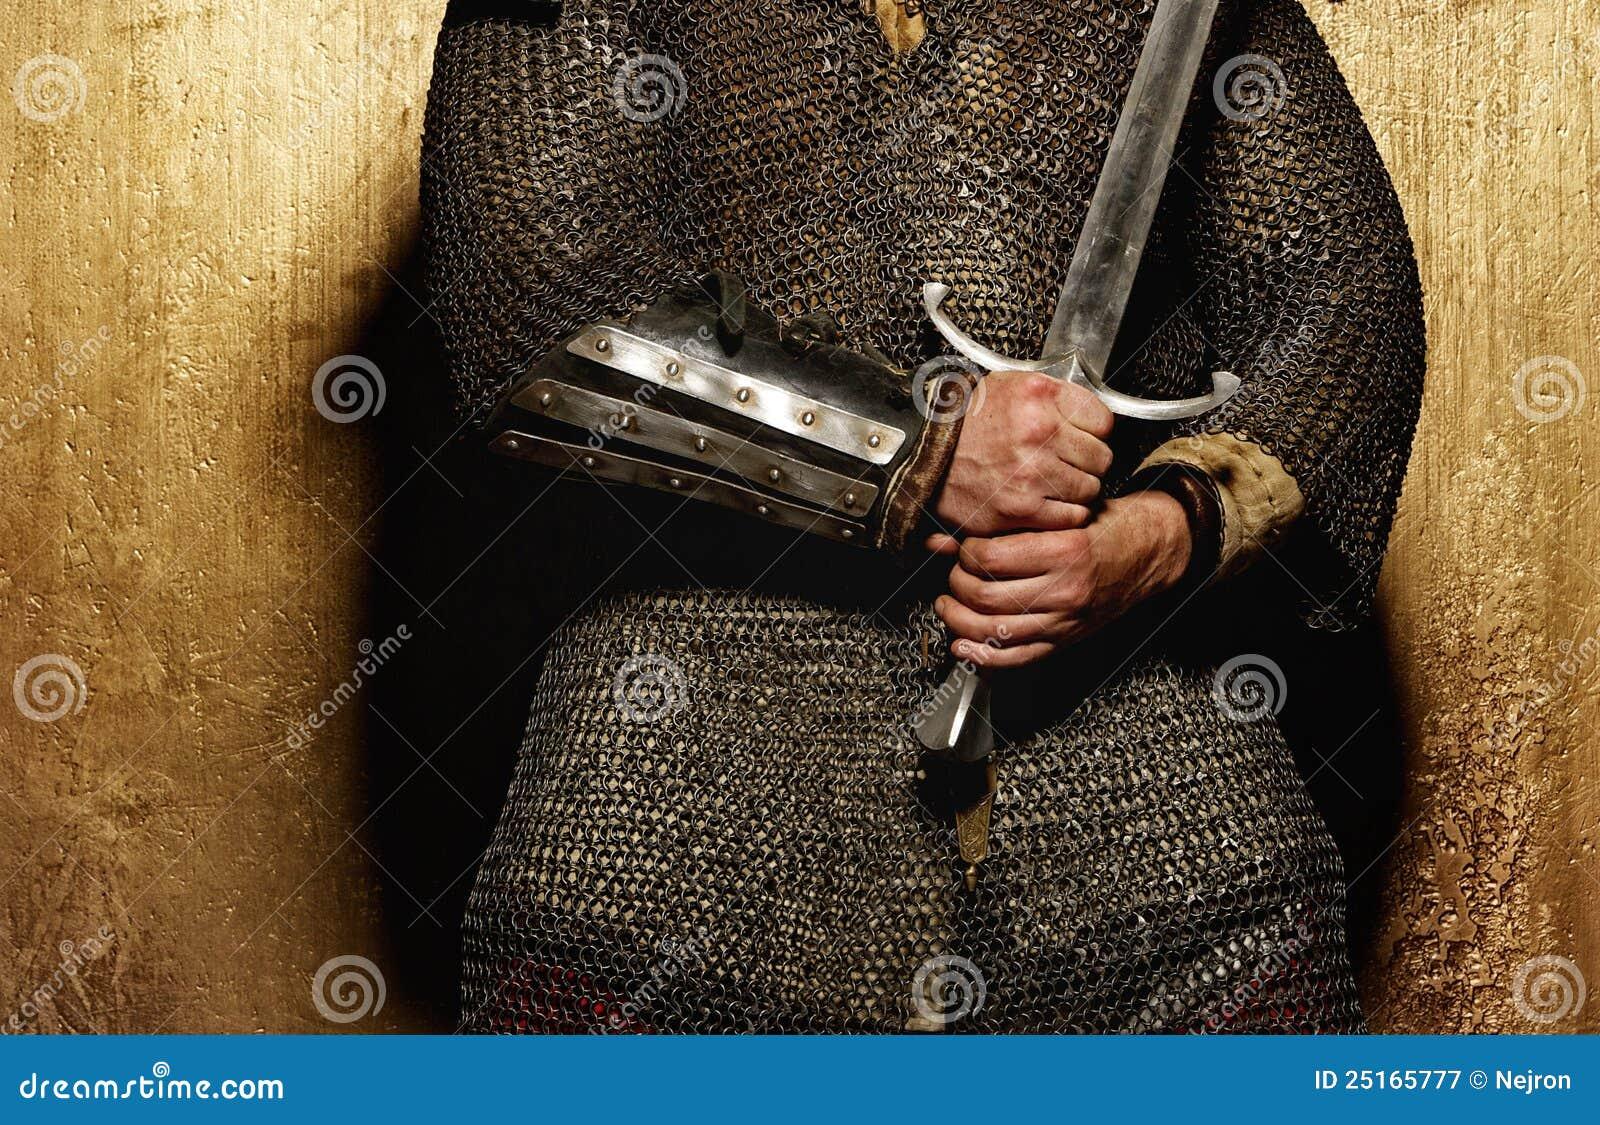 Abbildung eines Ritters übergibt das Anhalten einer Klinge